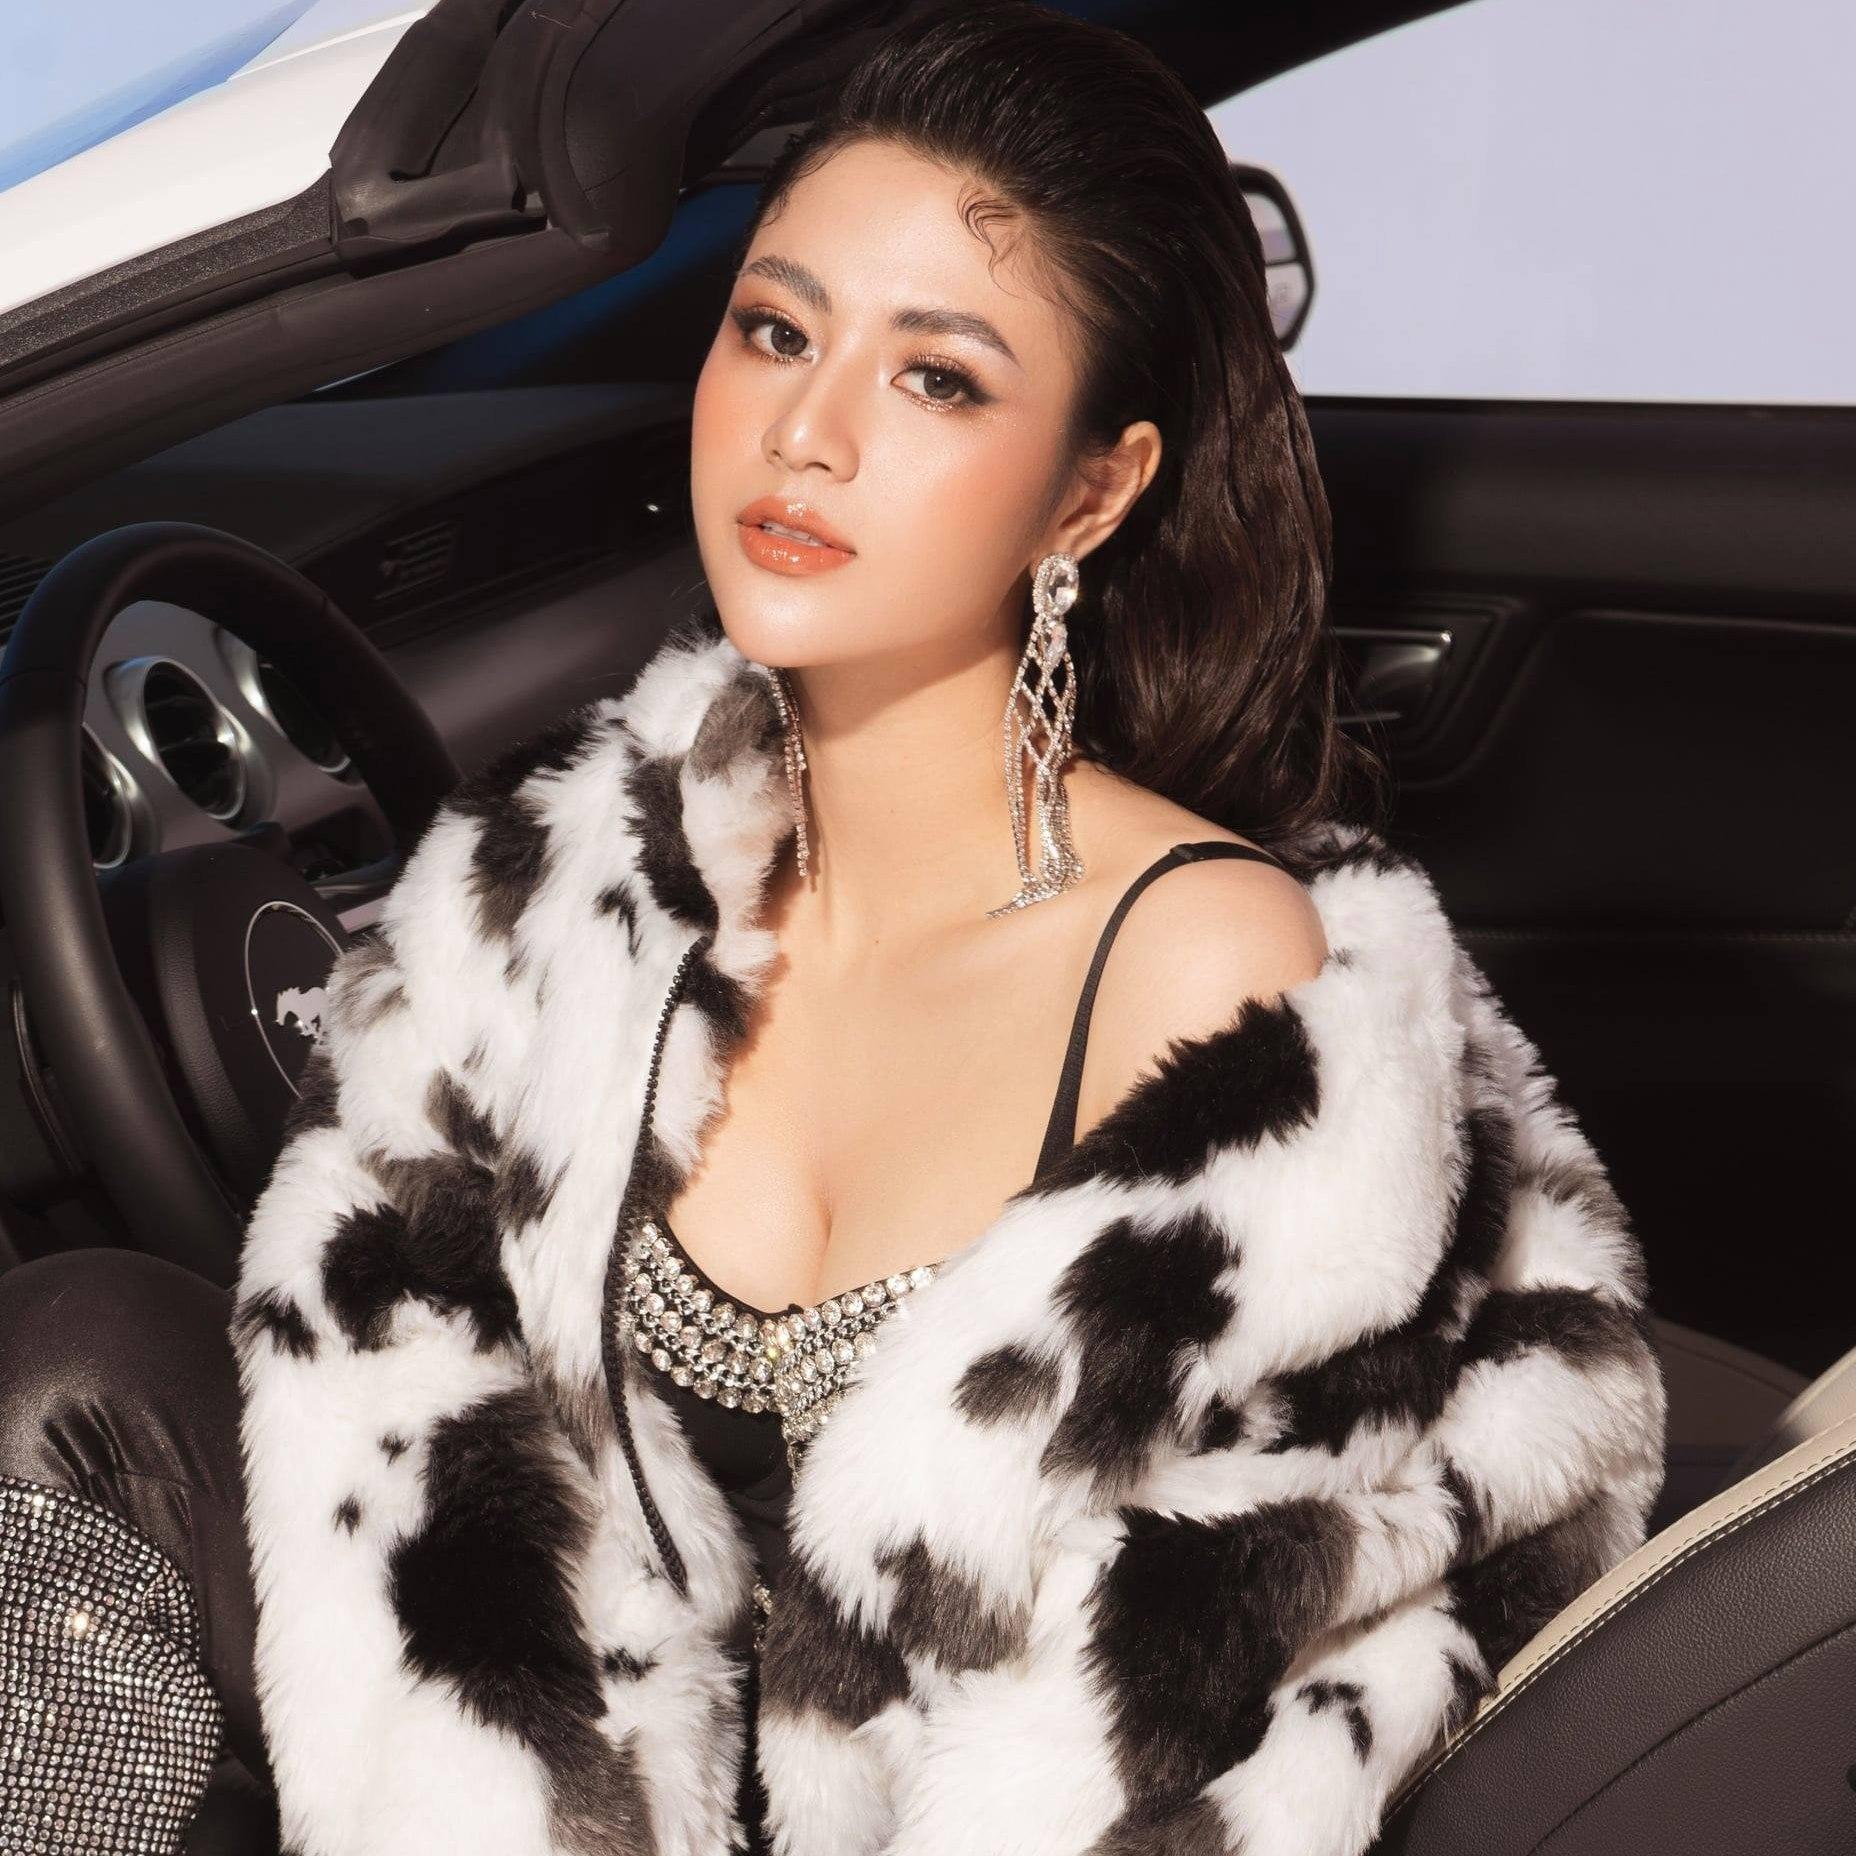 Điều ít biết về vợ xinh đẹp sắp cưới của Long trong phim hot Hương vị tình thân - Ảnh 7.